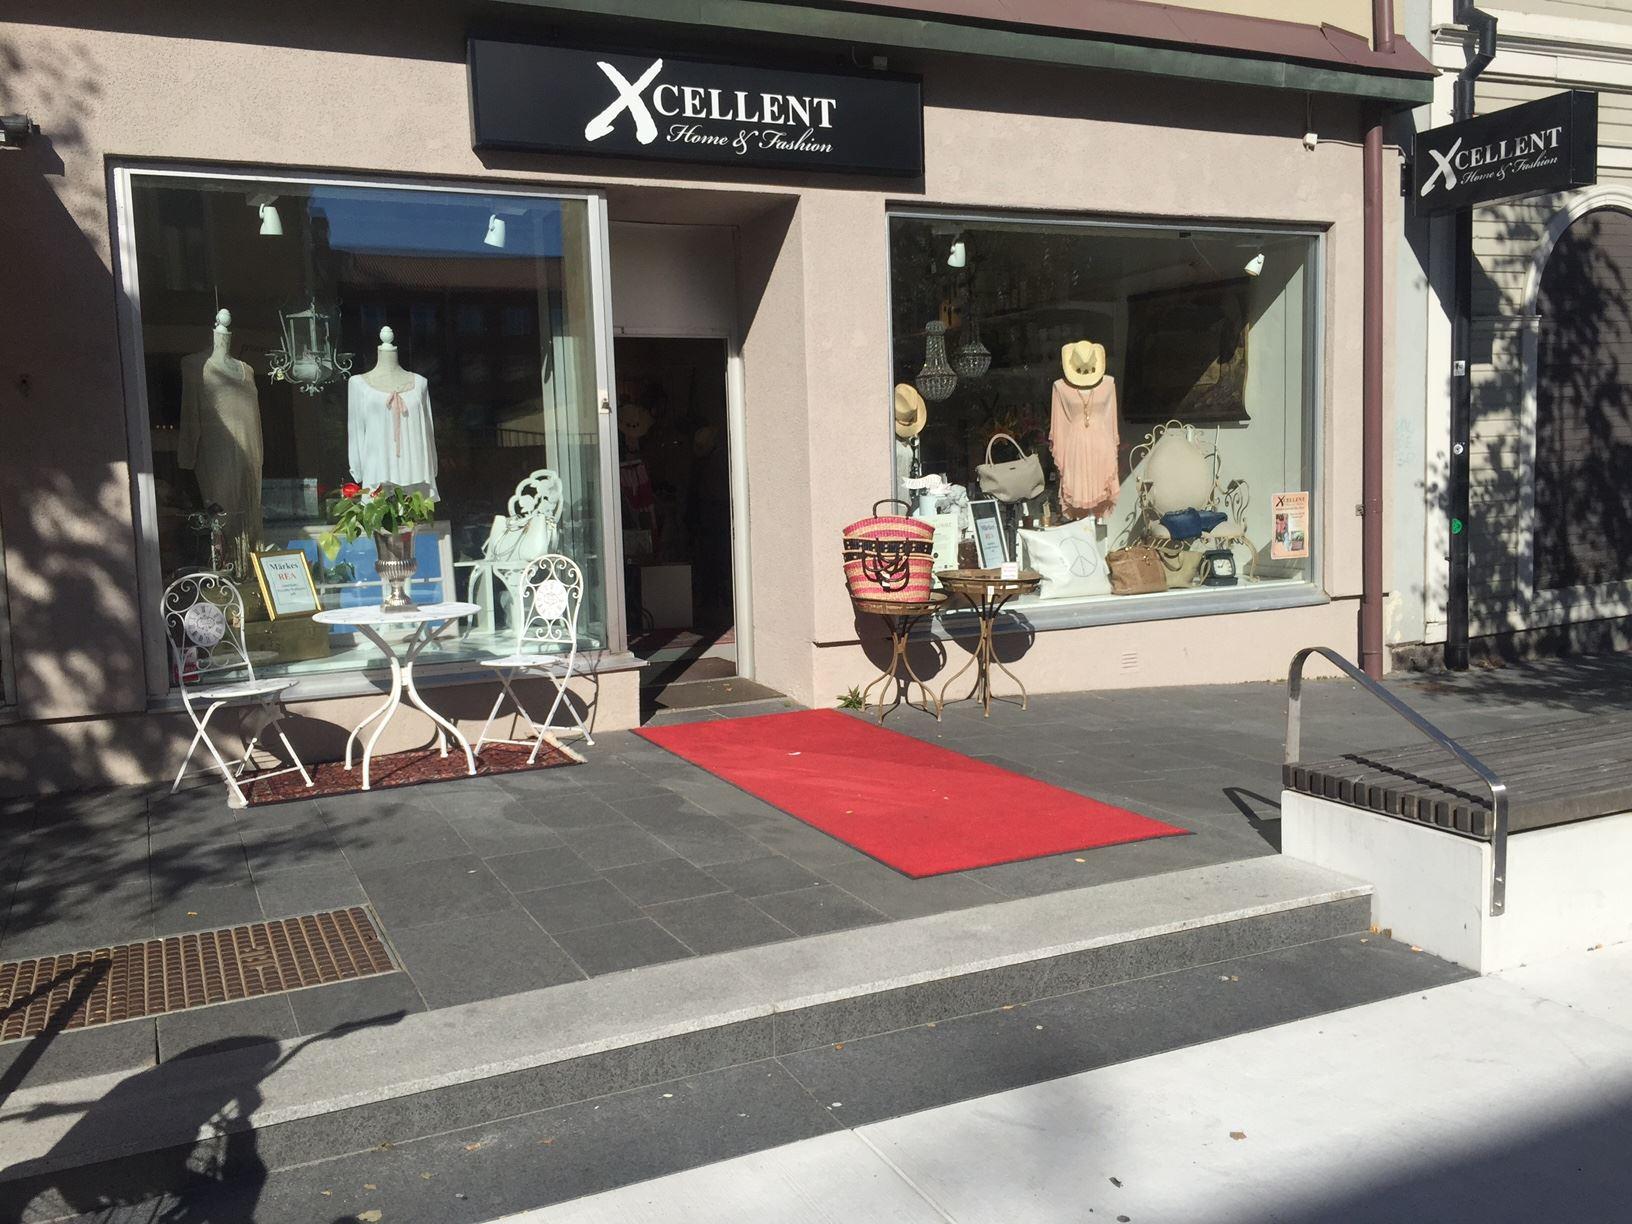 Xcellent home & fashion